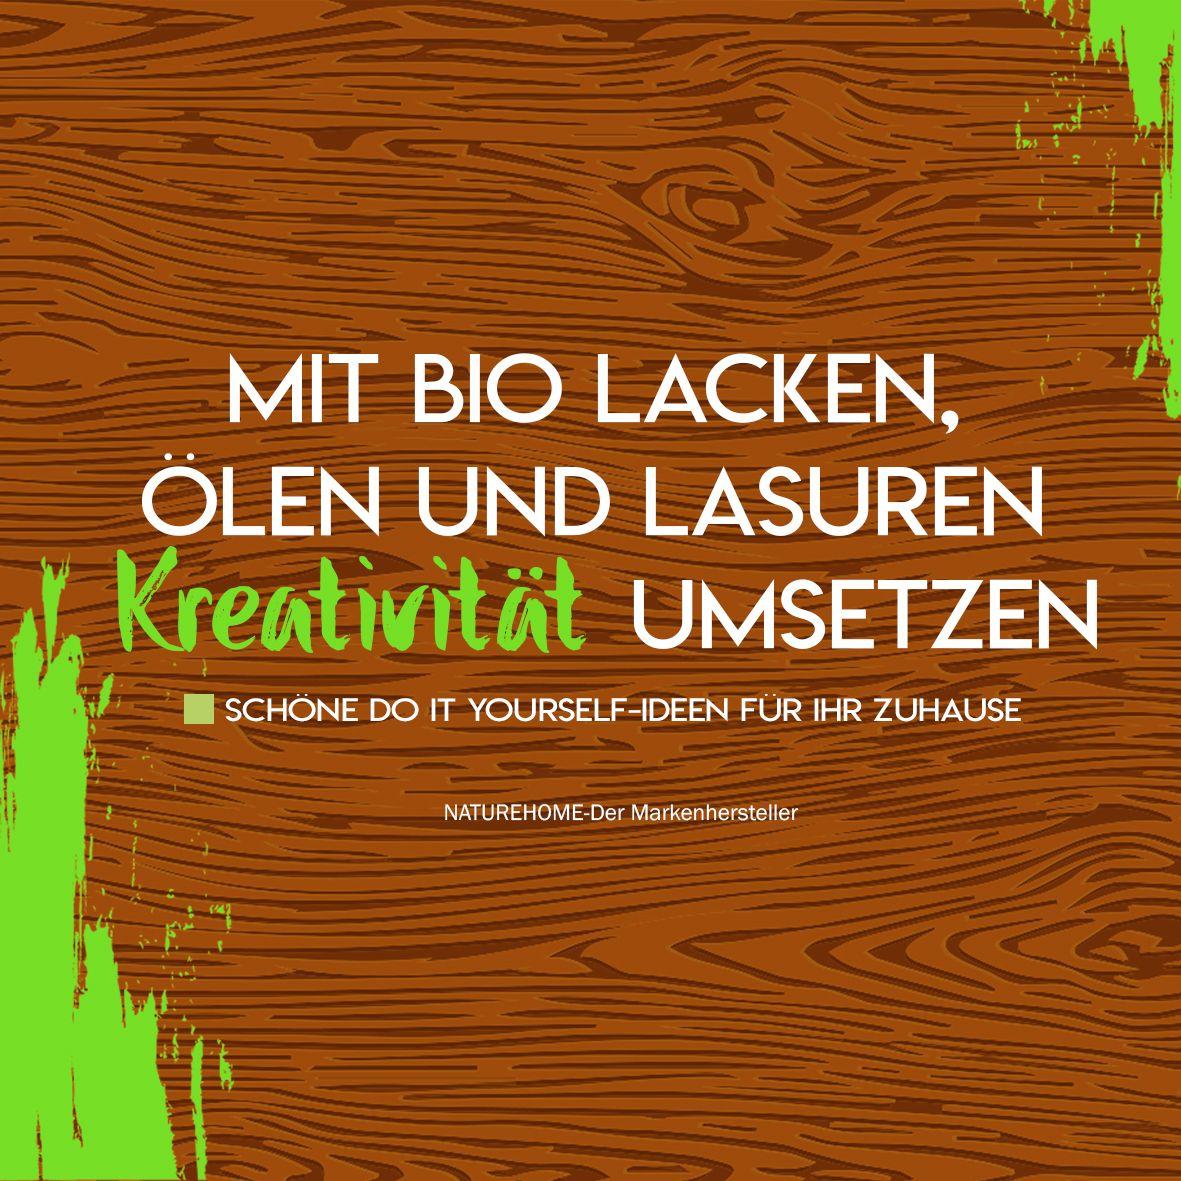 Mit Bio Lacken Olen Und Lasuren Von Naturehome Kreativitat